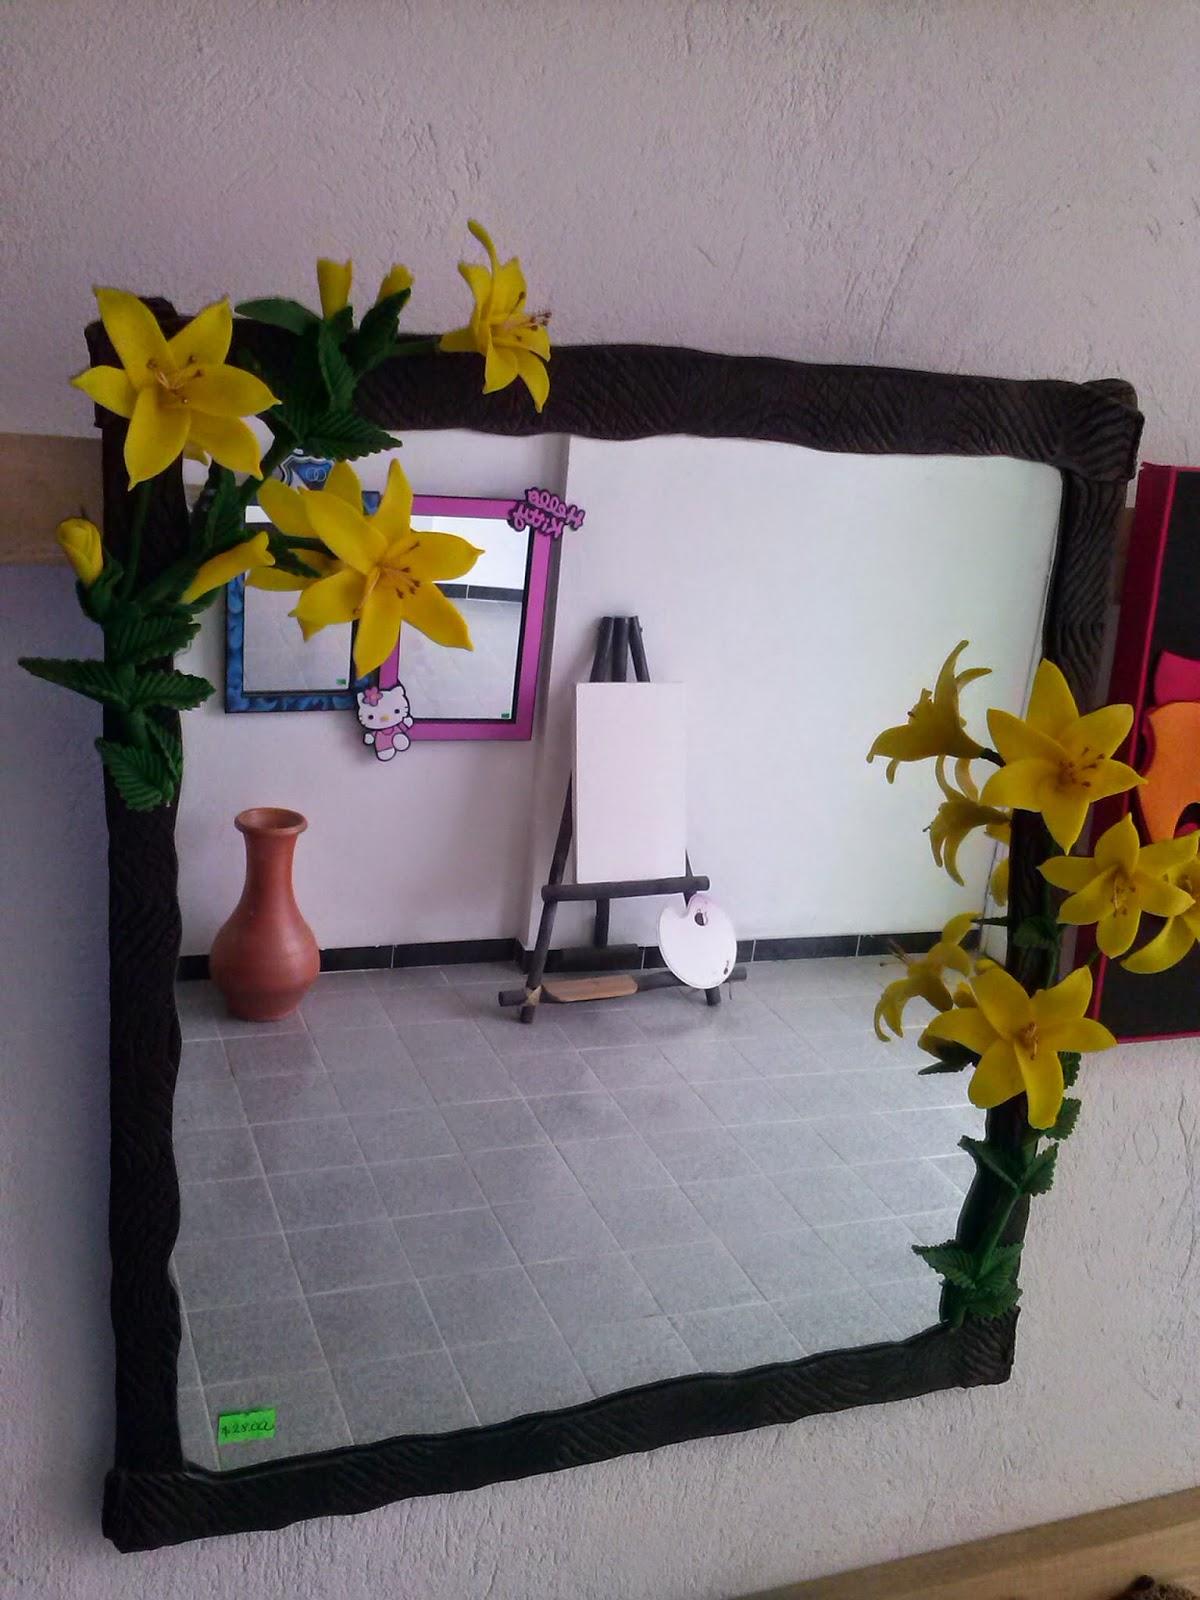 Galeria arte y dise o madekids marcos y espejos for Espejos con marcos decorados